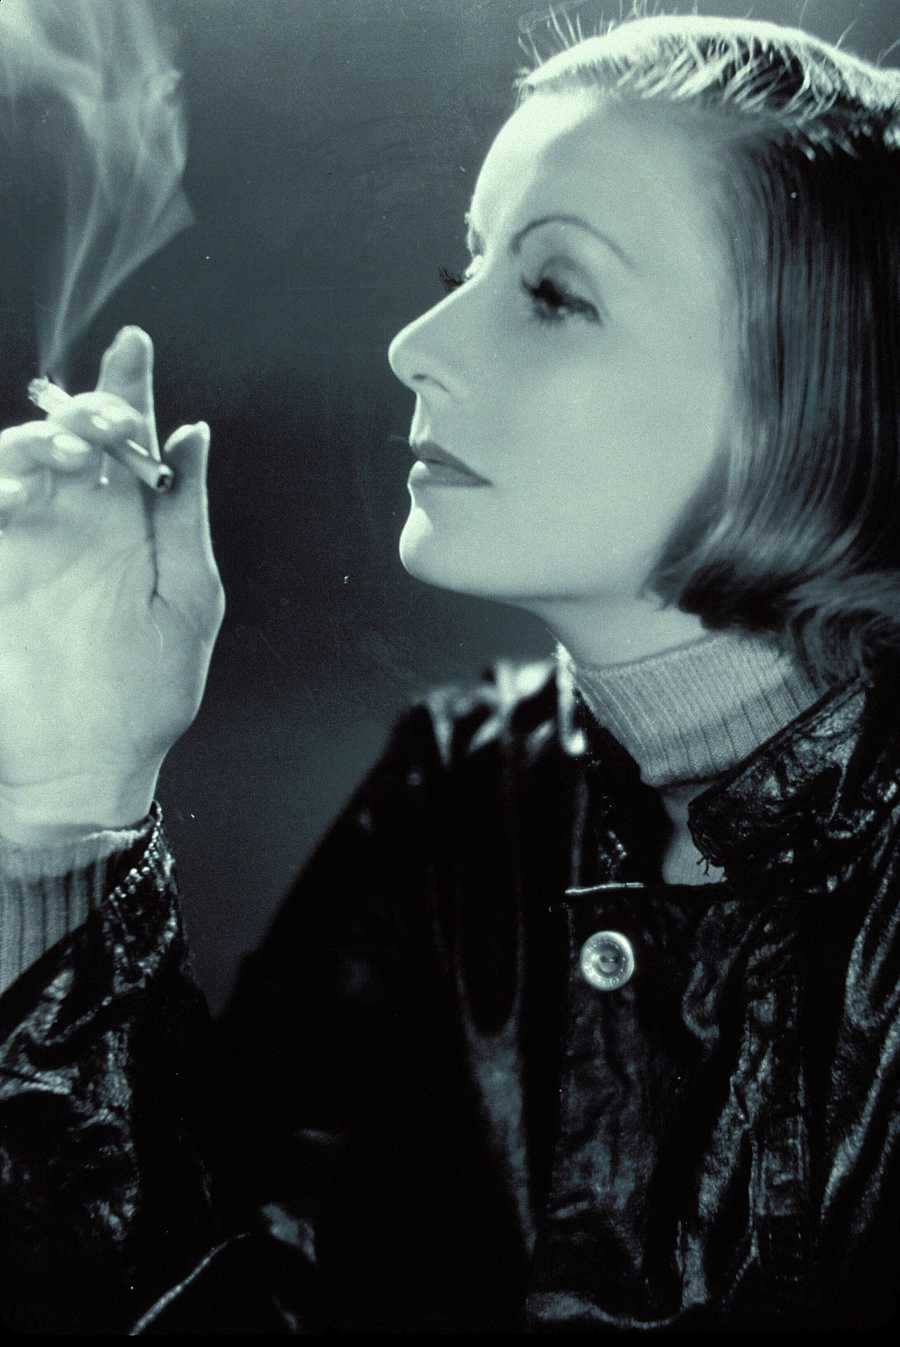 La actriz Greta Garbo fumando un cigarro en la década de los 20